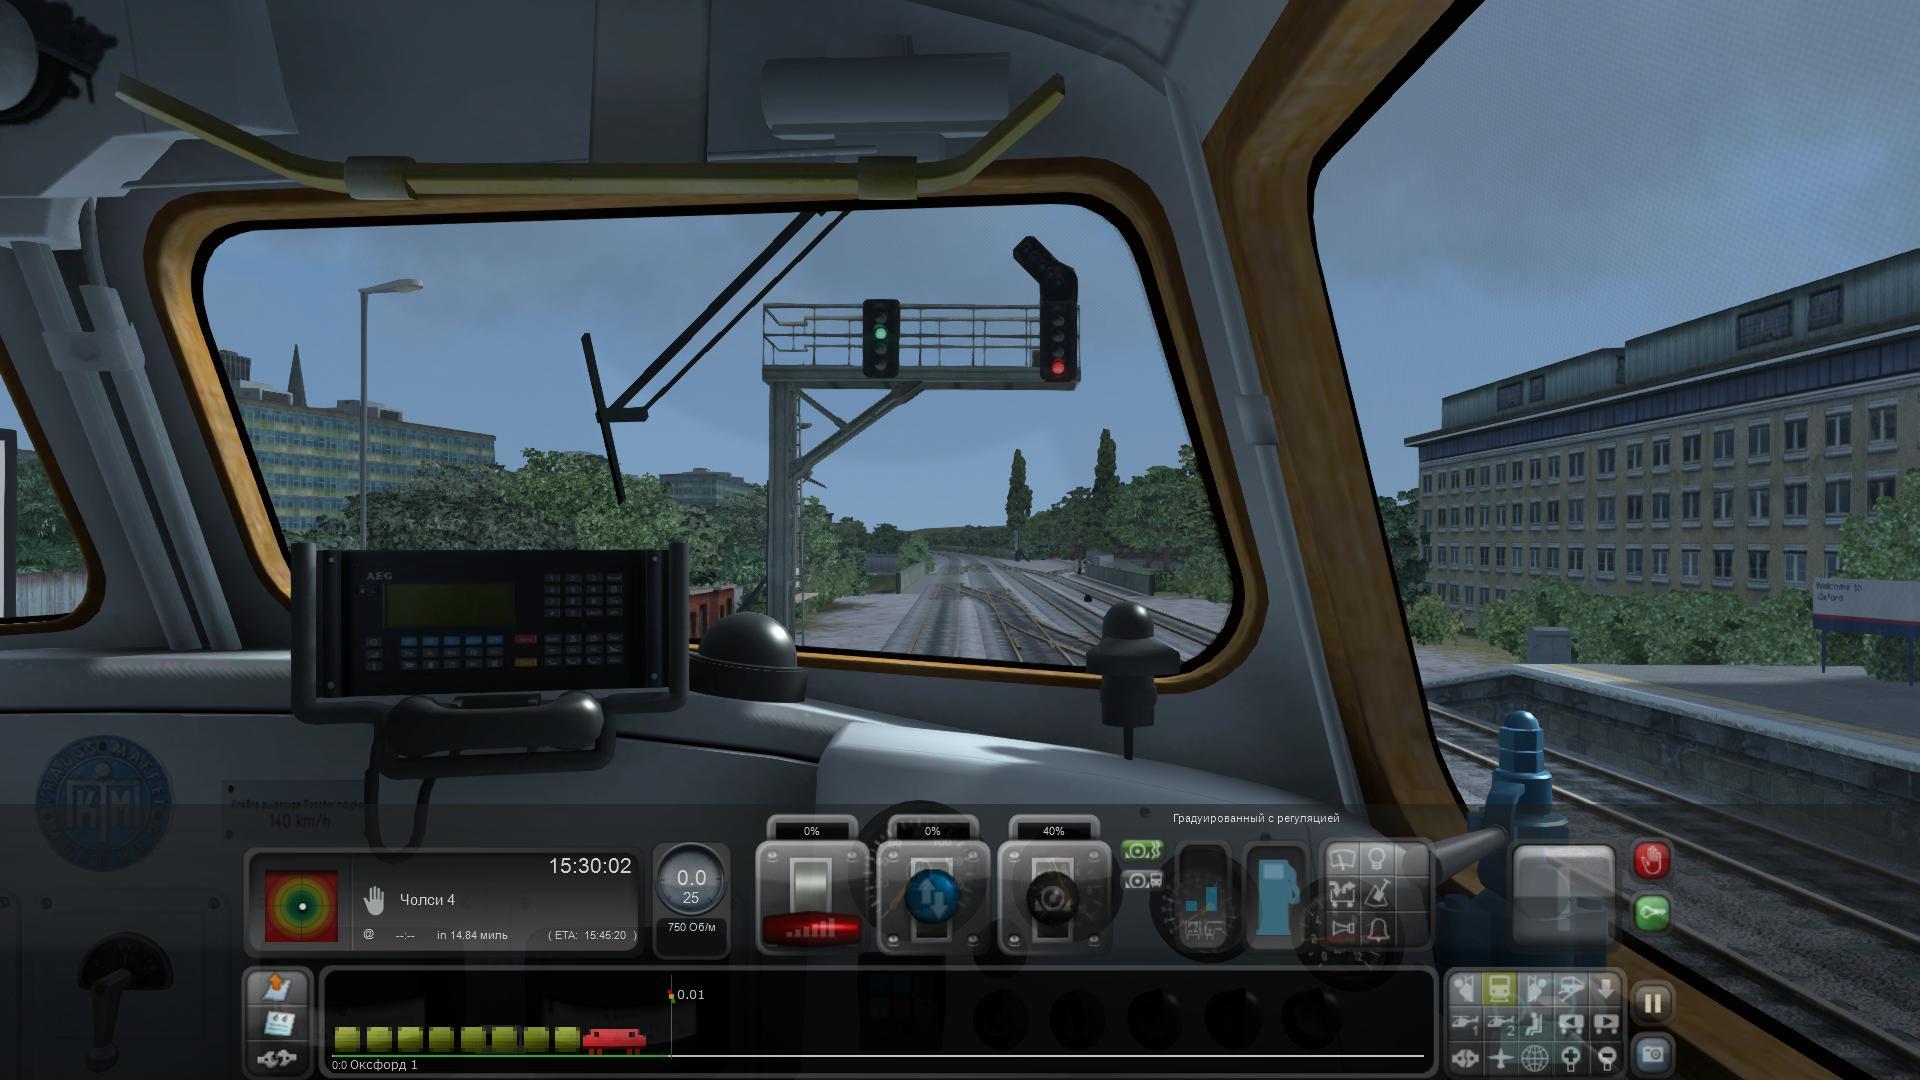 Симулятор железной дороги 2018 скачать бесплатно торрент